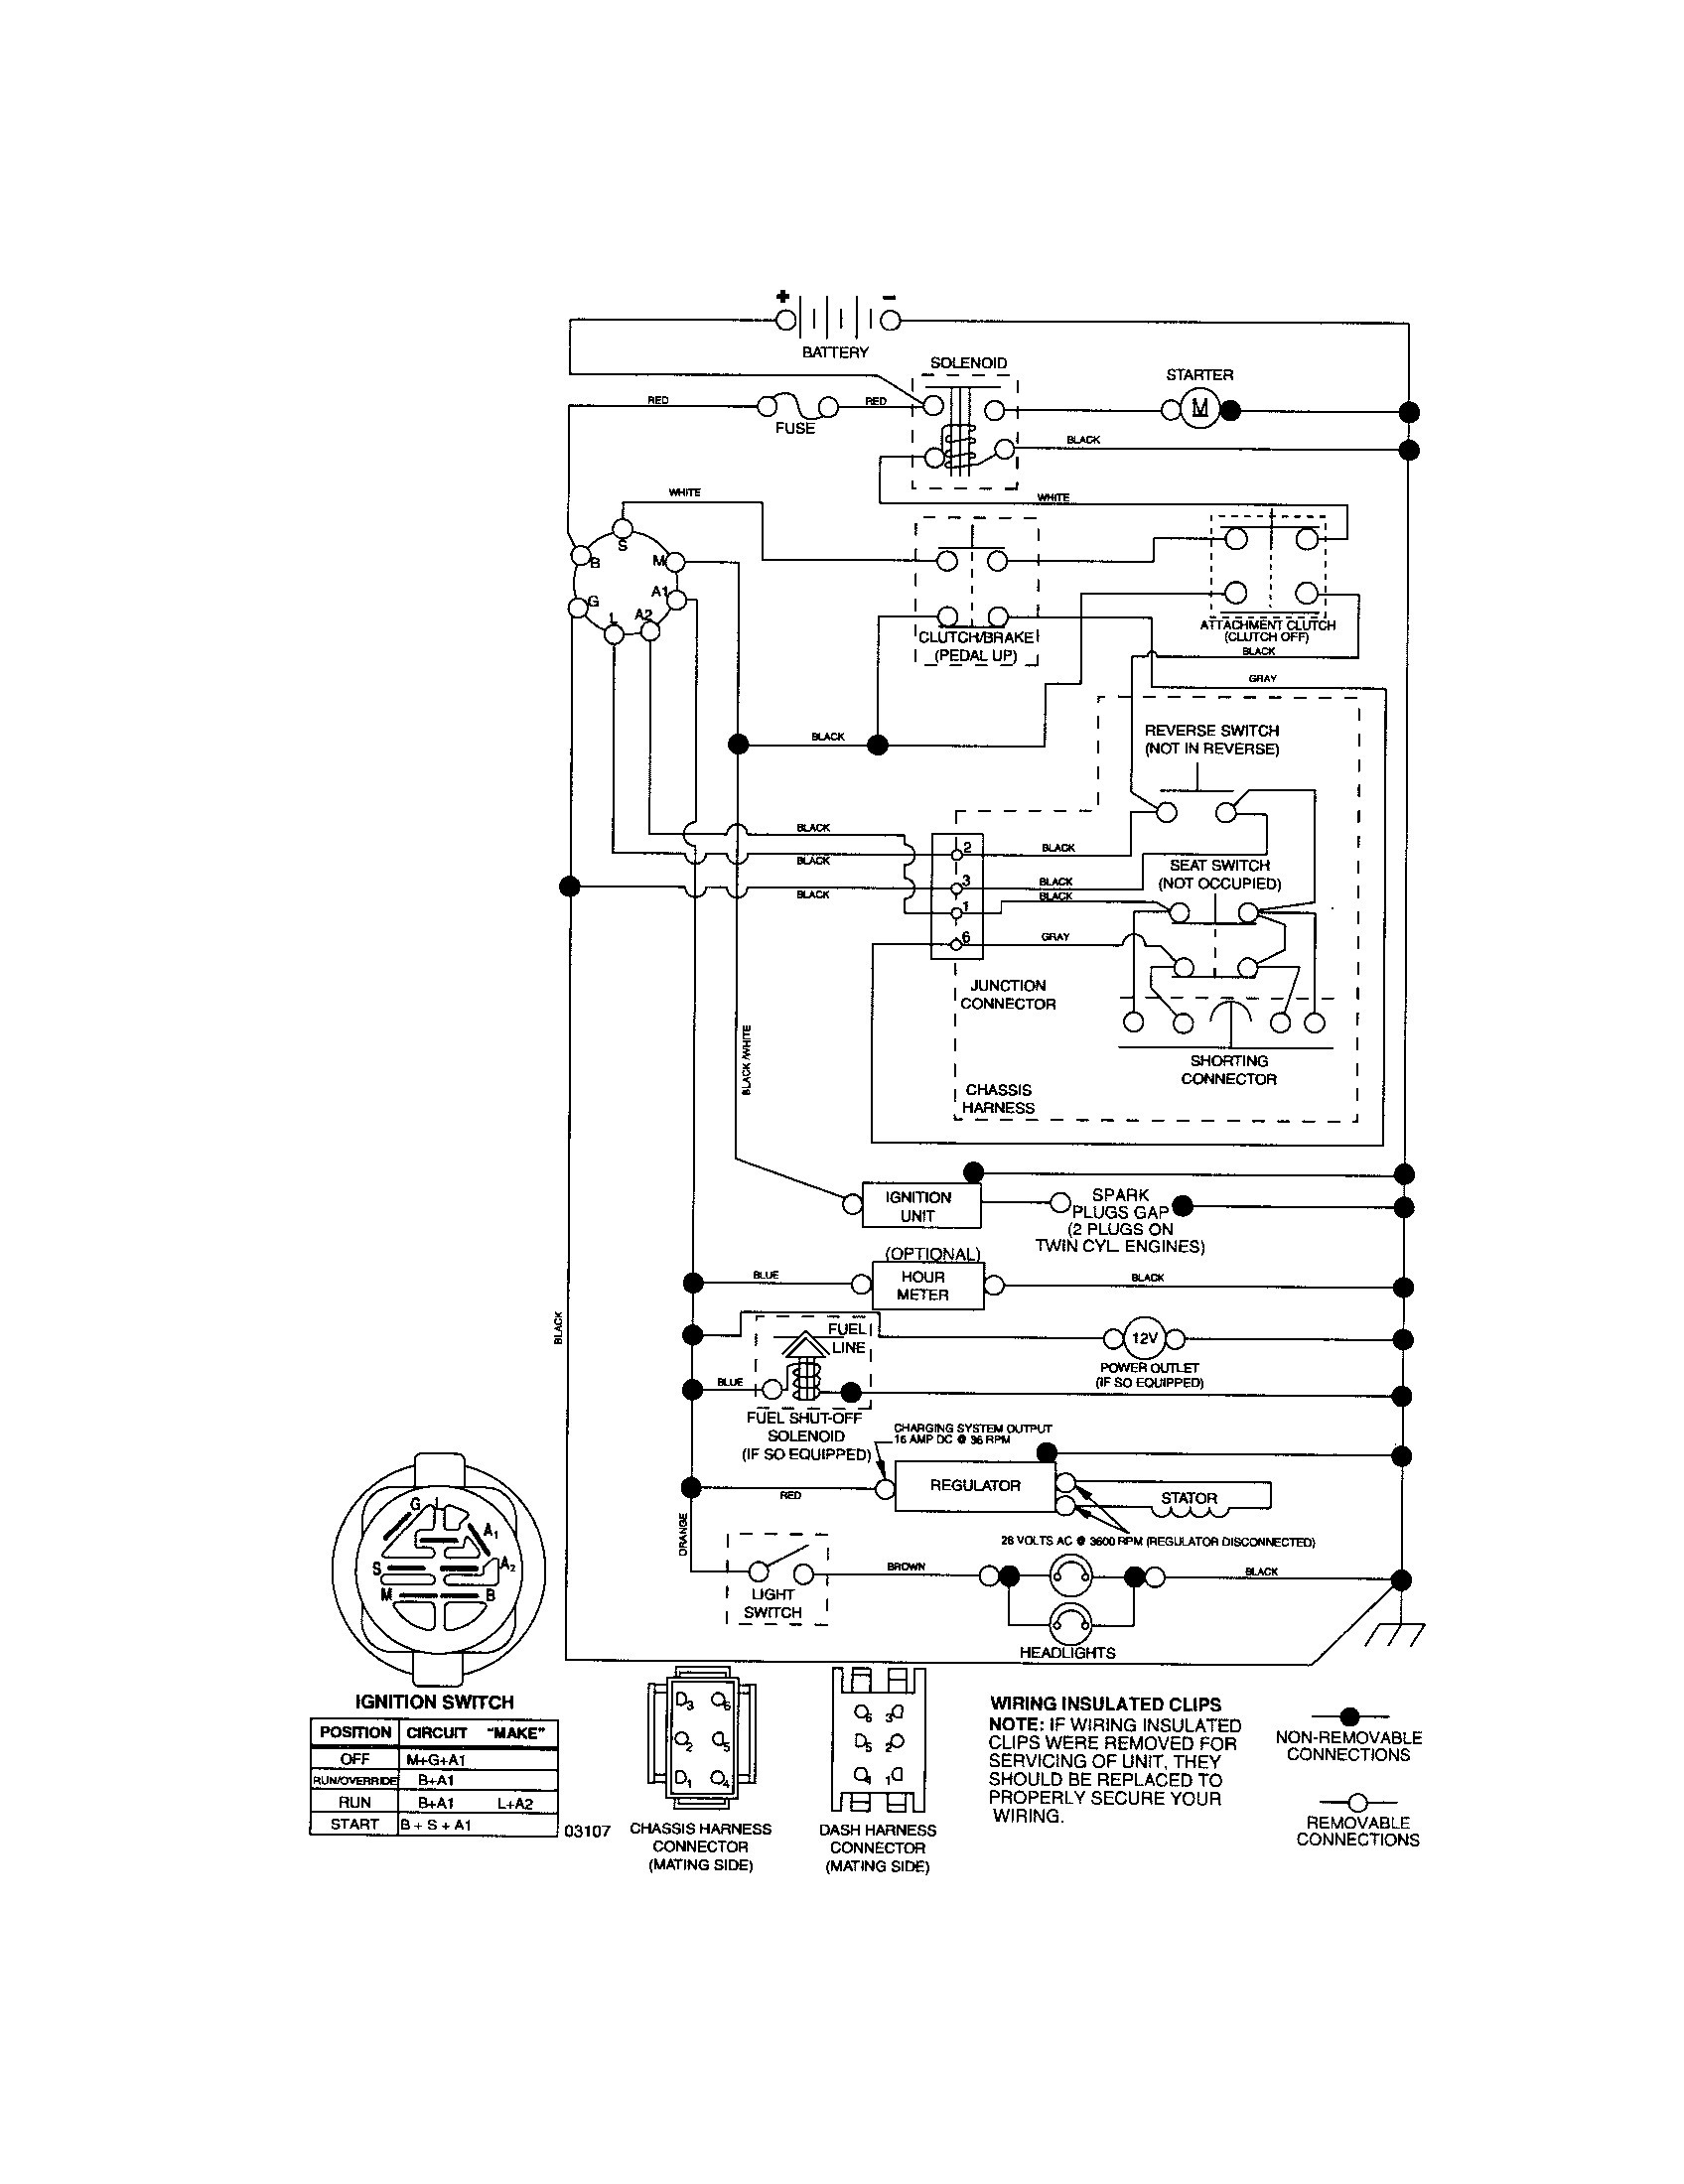 Kohler Ignition Switch Wiring Diagram Fresh Craftsman Riding Mower